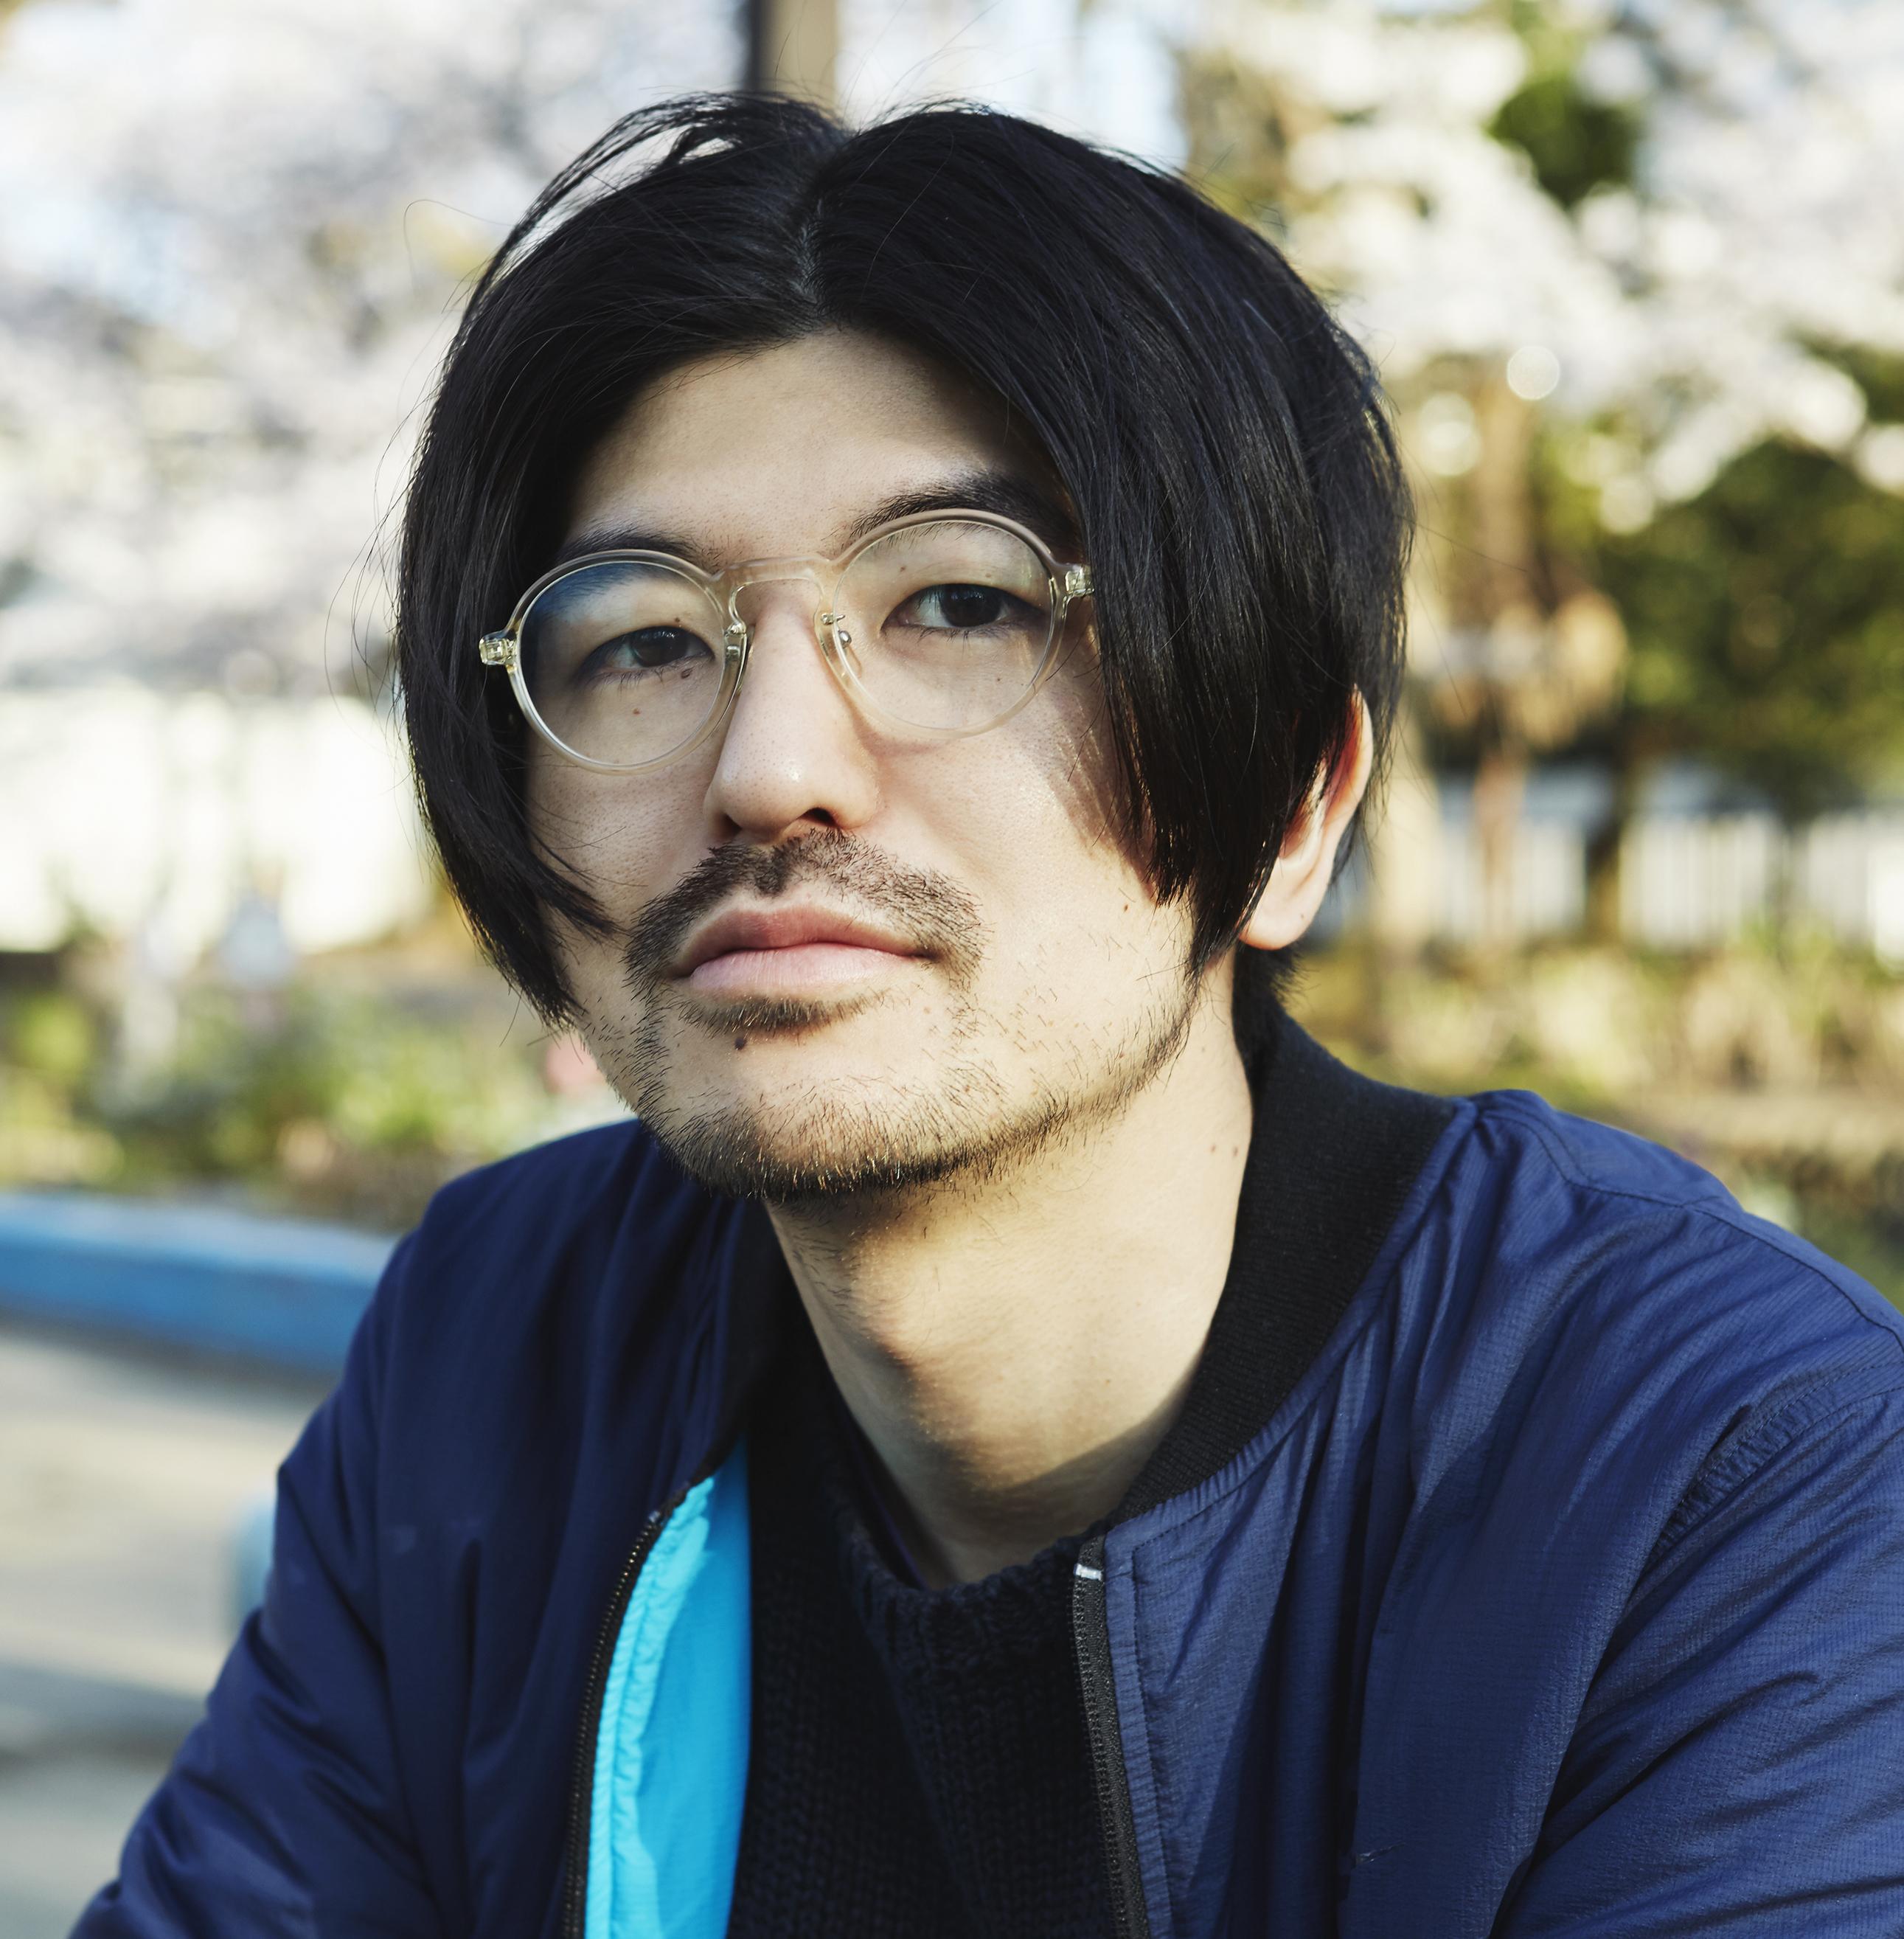 佐藤雄介(さとう・ゆうすけ)